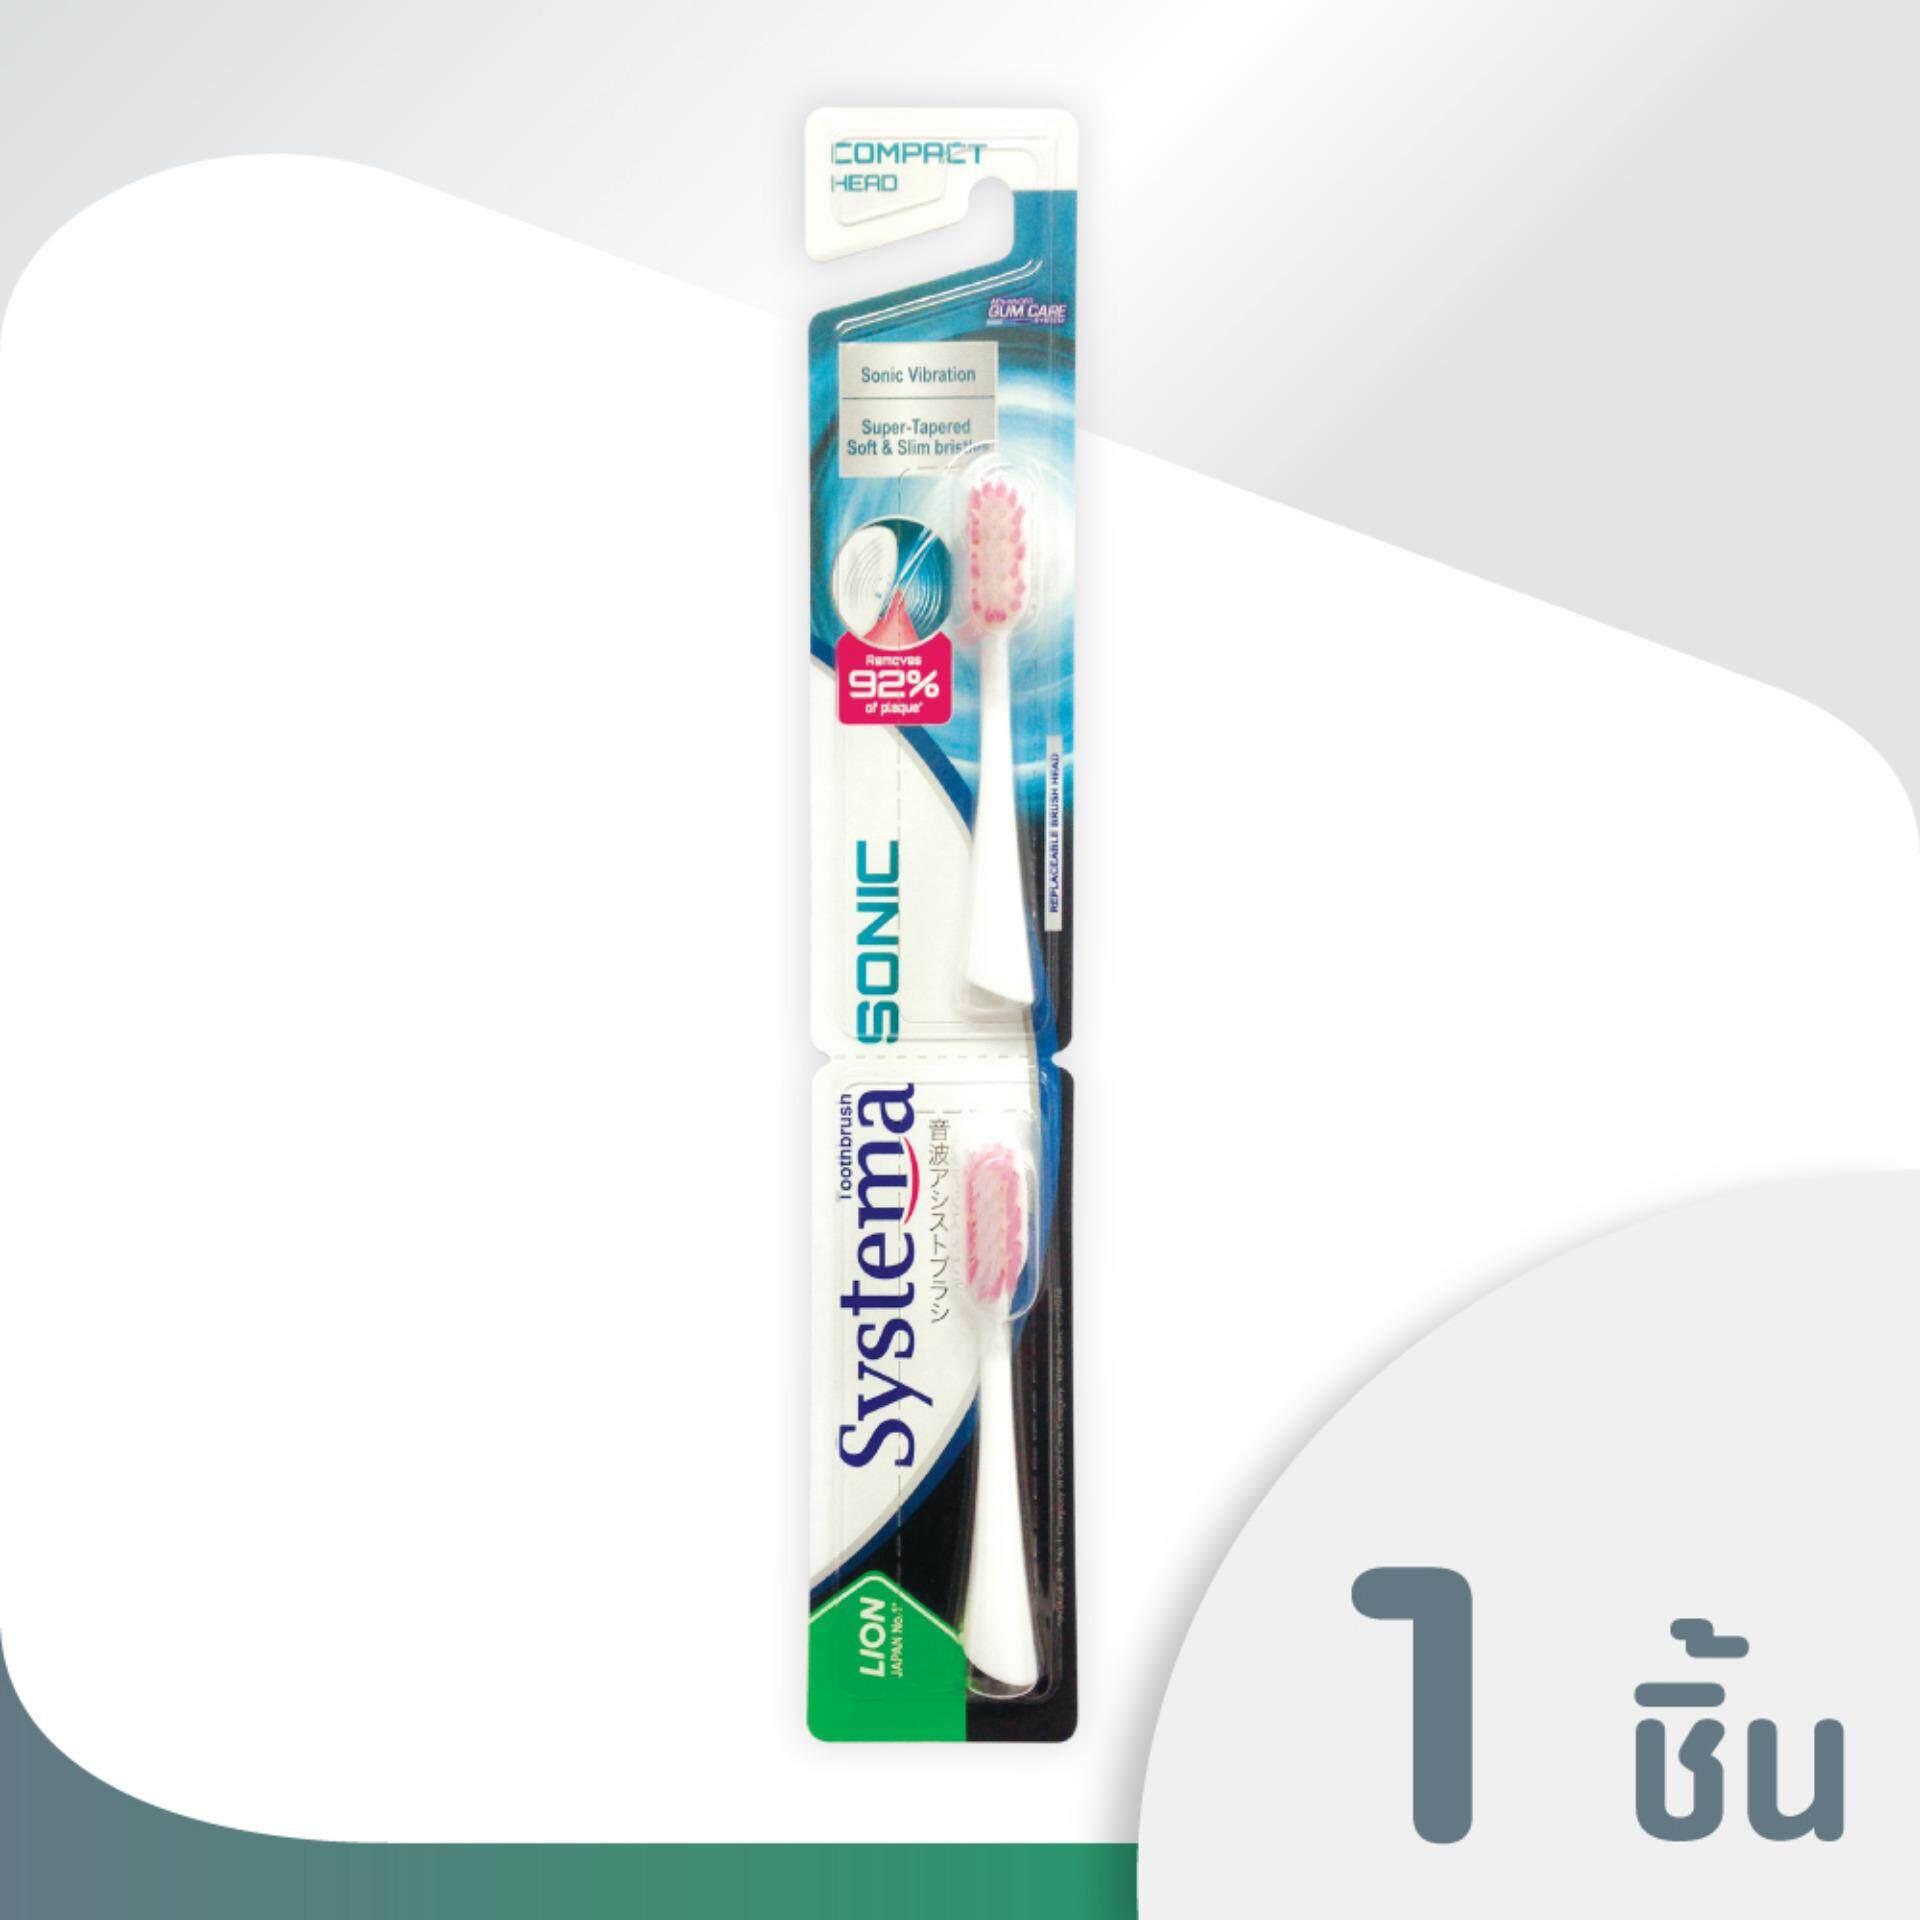 นครปฐม SYSTEMA SONIC หัวแปรงสีฟันไฟฟ้า ซิสเท็มมา โซนิค  สีชมพู